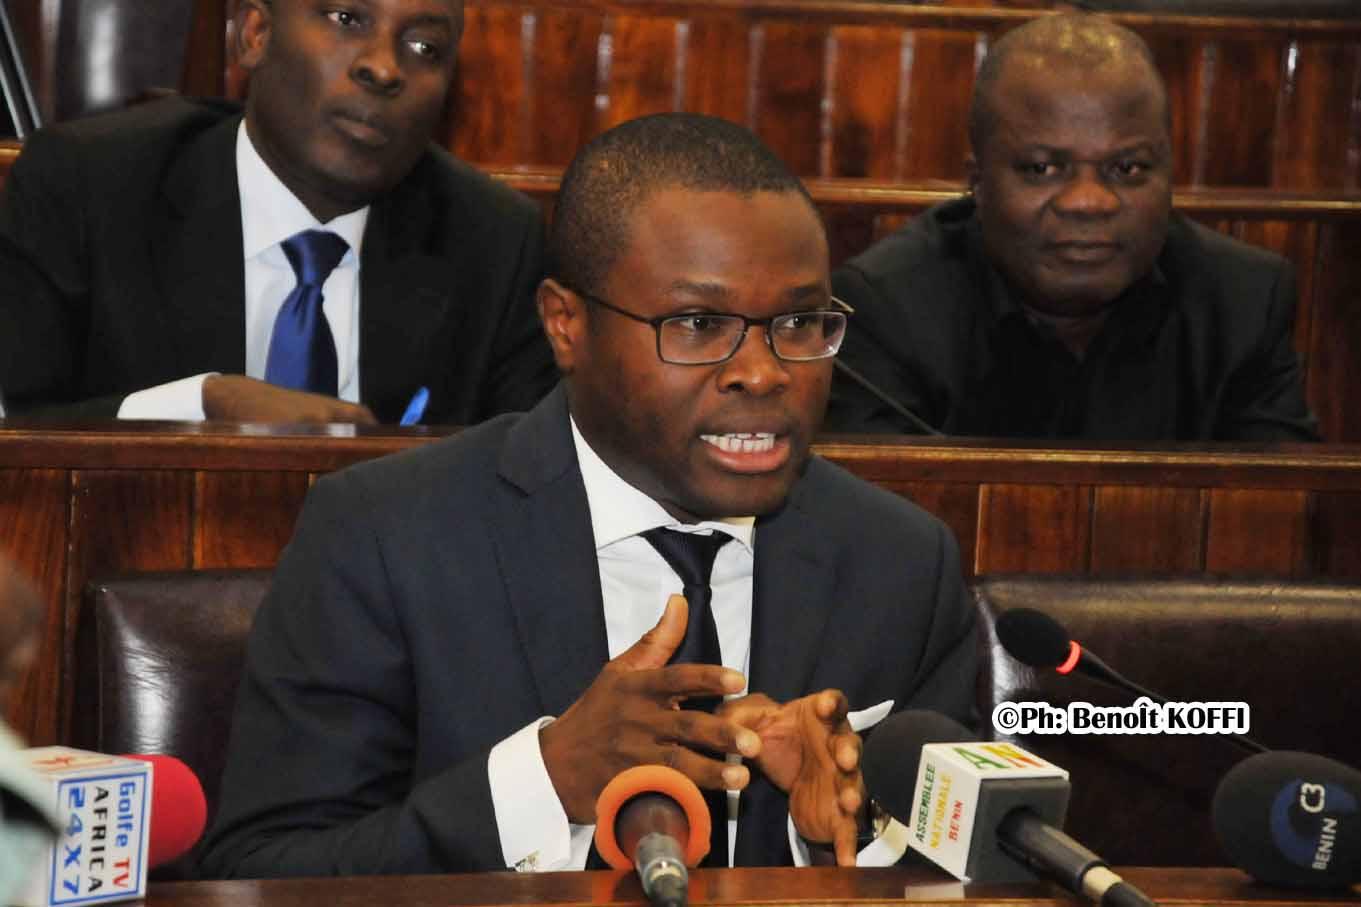 Romuald Wadagni Ministre de l'Economie et des Finances